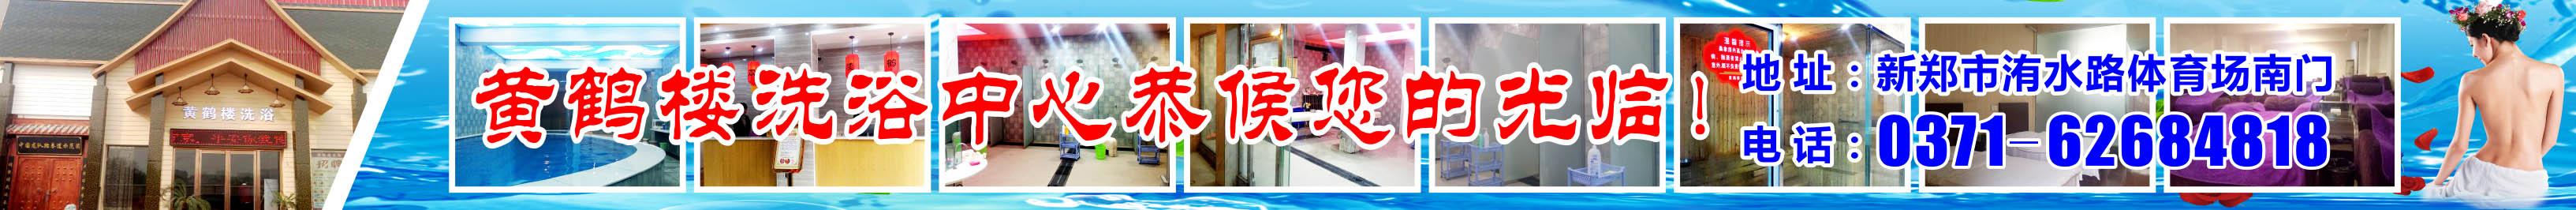 新郑黄鹤楼洗浴